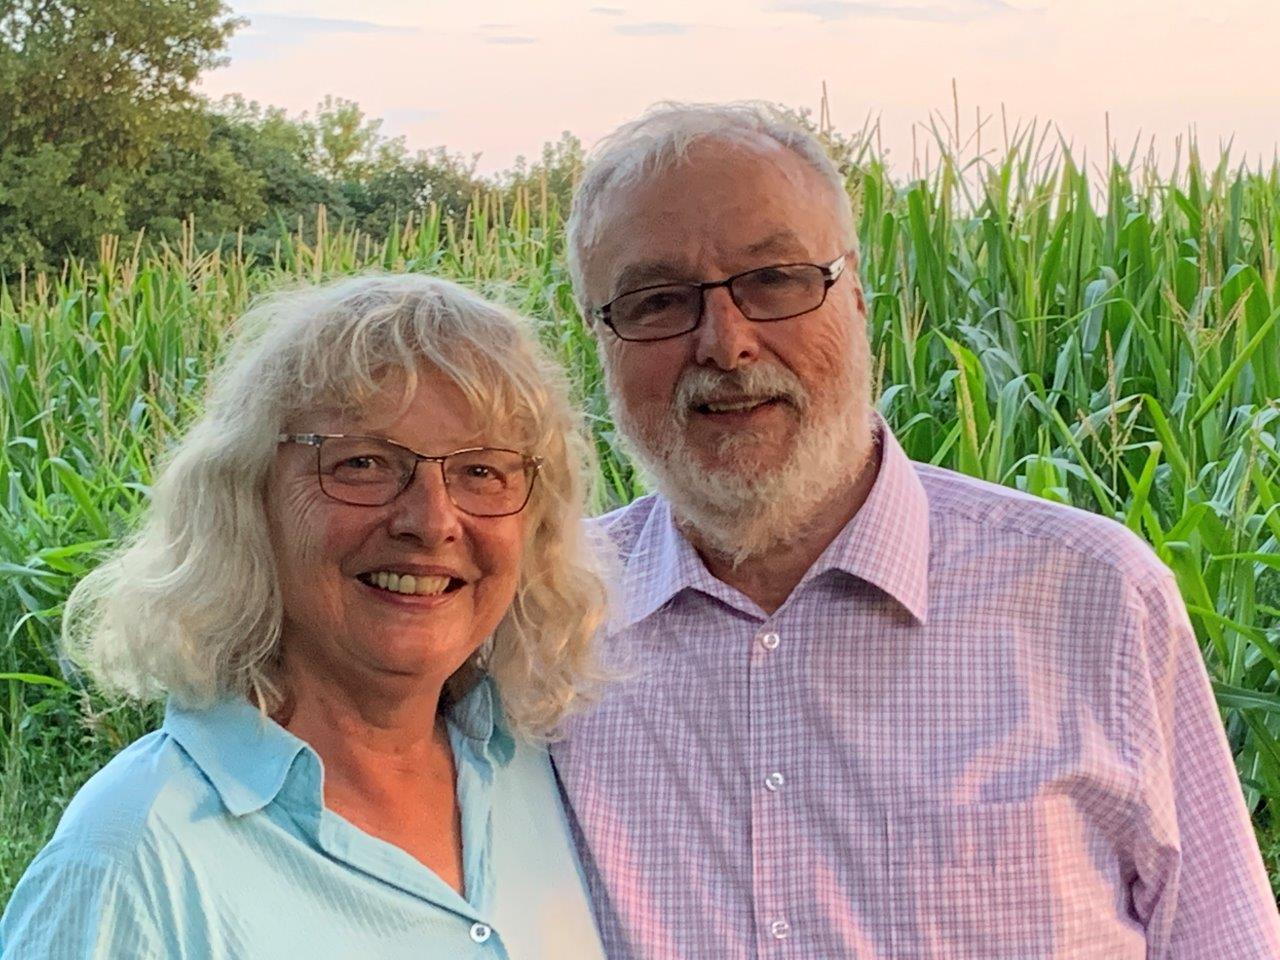 We Thank Pastor Gerhard And Margret Hille